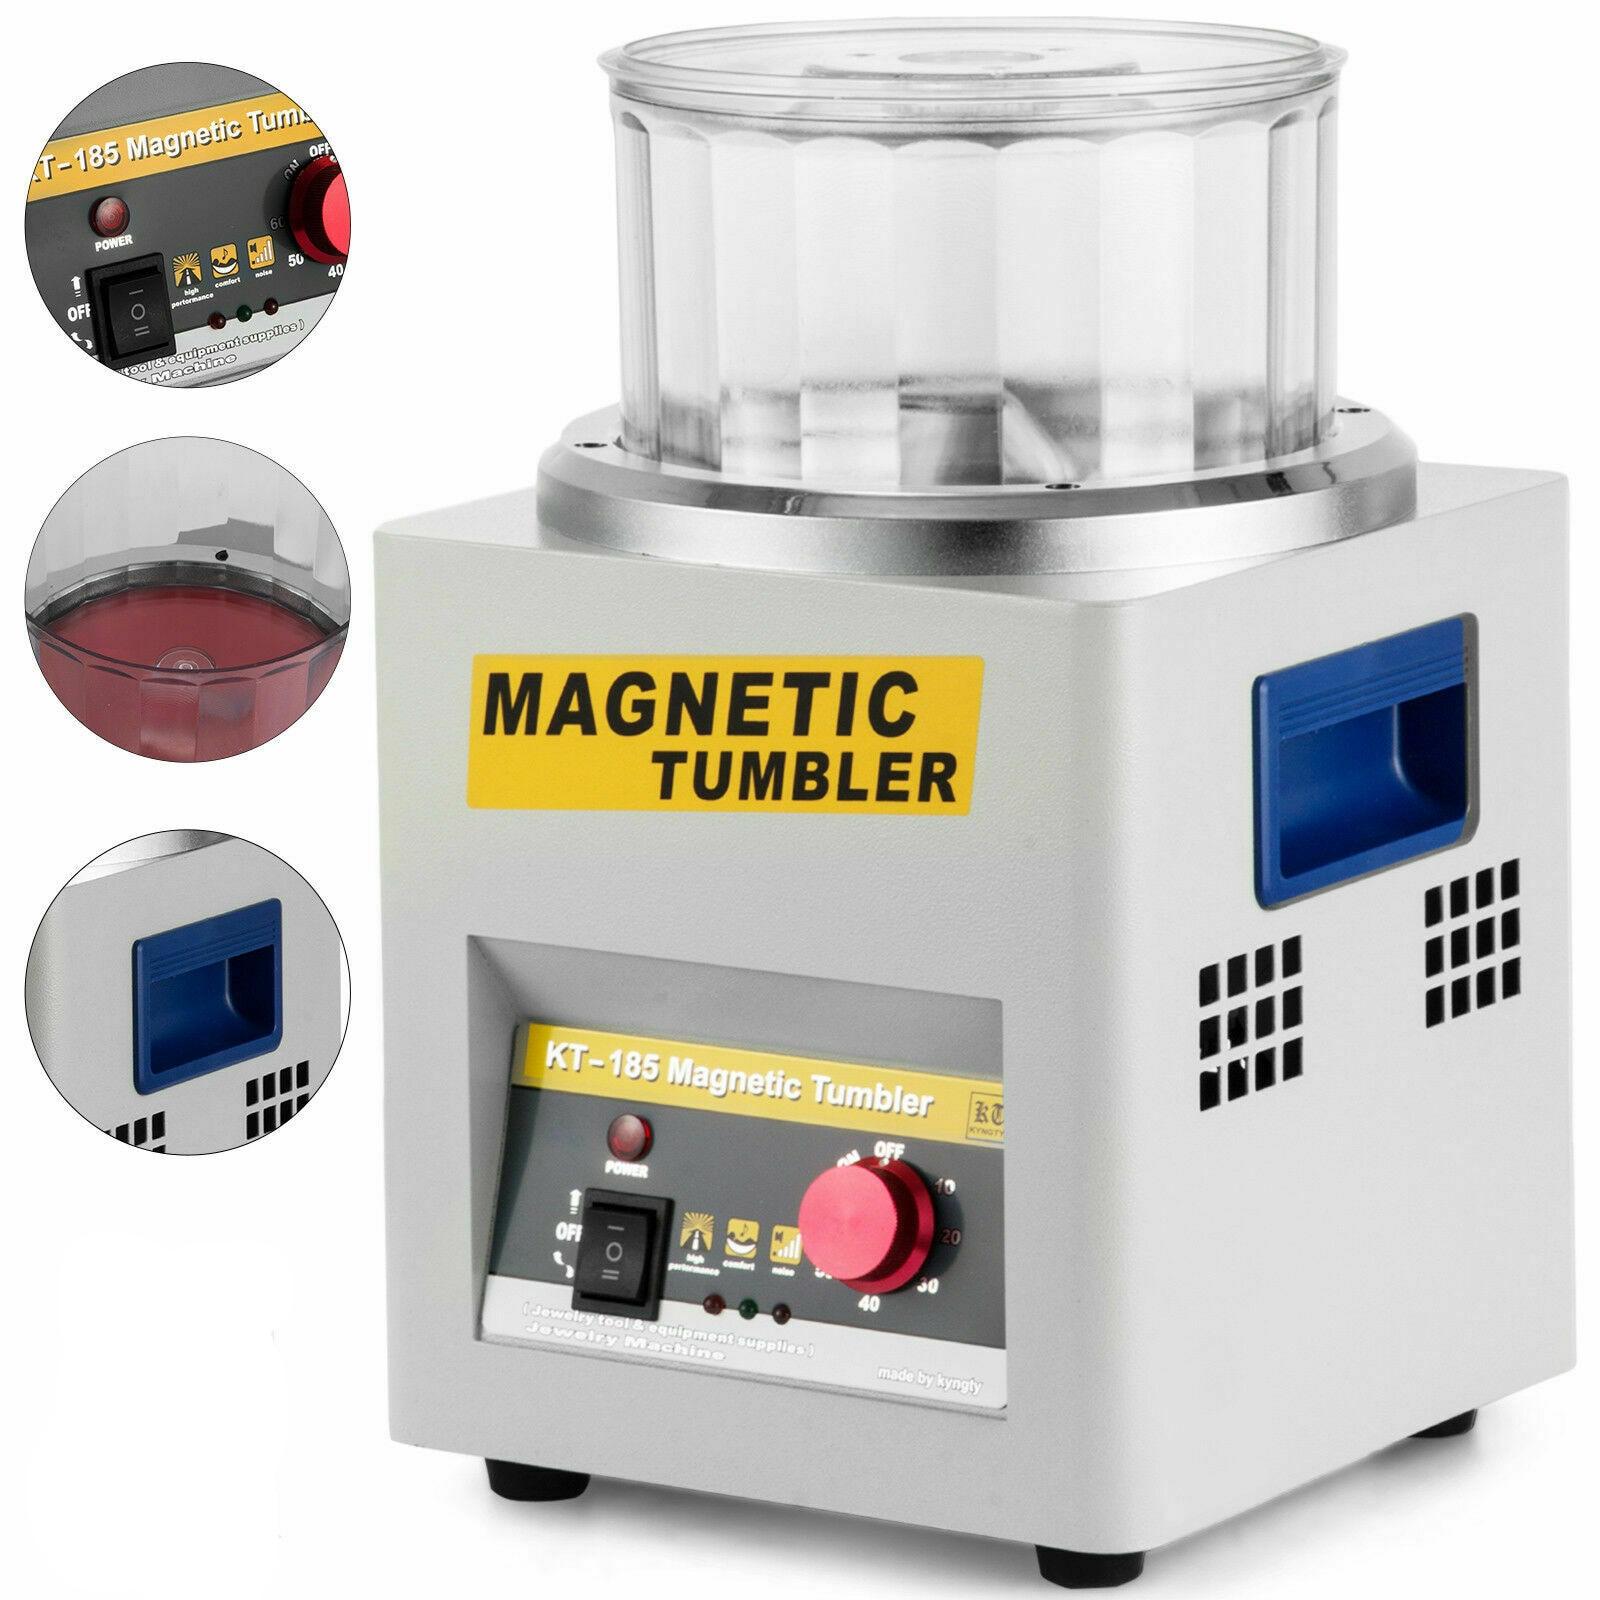 Manufacturer CE Magnetic Tumbler Jewelry Polisher Finisher Finishing Machine, Mini Magnetic Polishing Machine AC 110V/220V